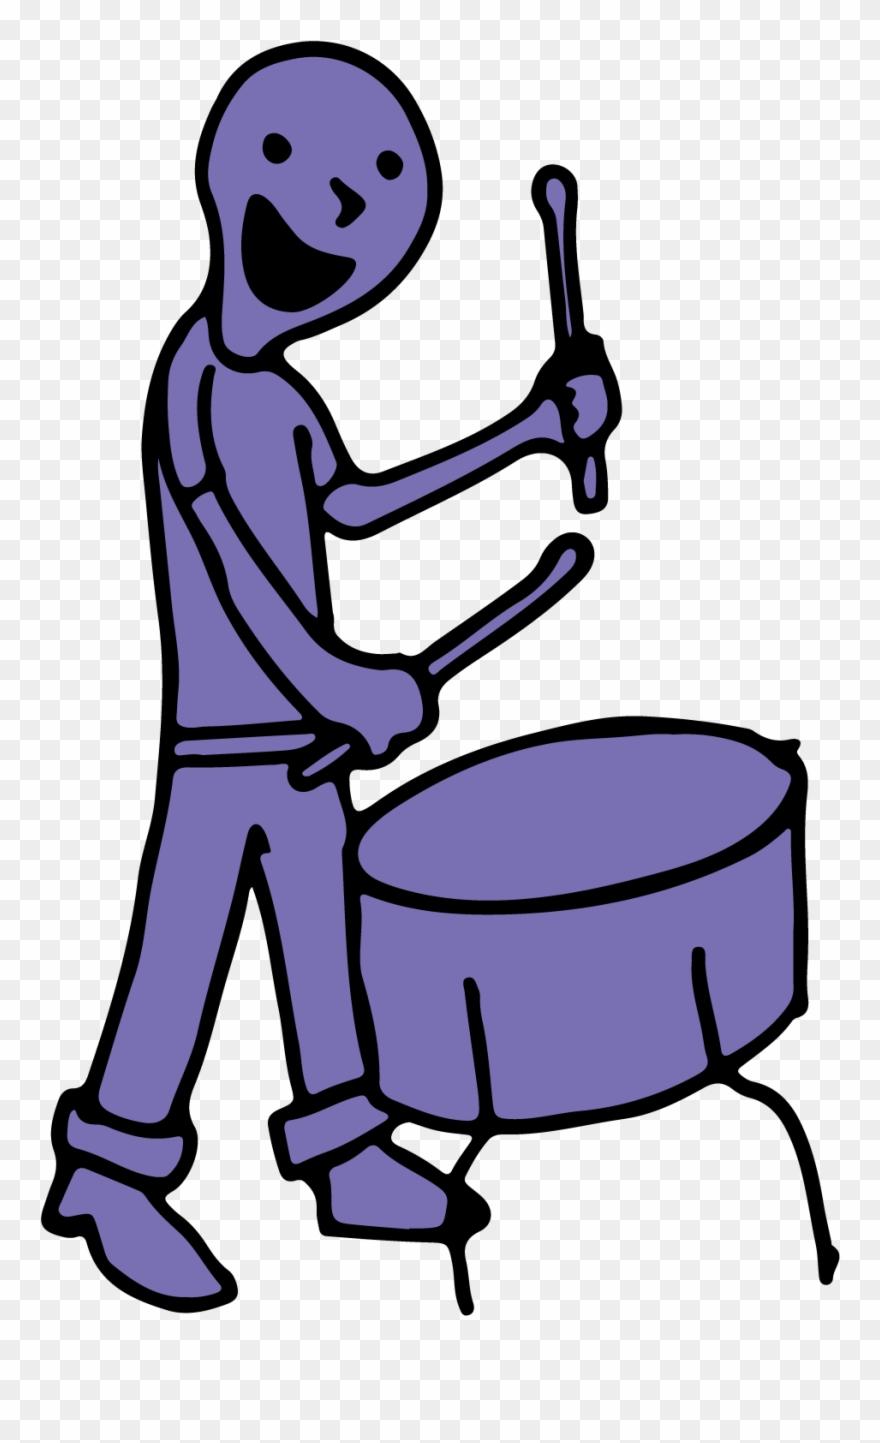 drummer # 5291262